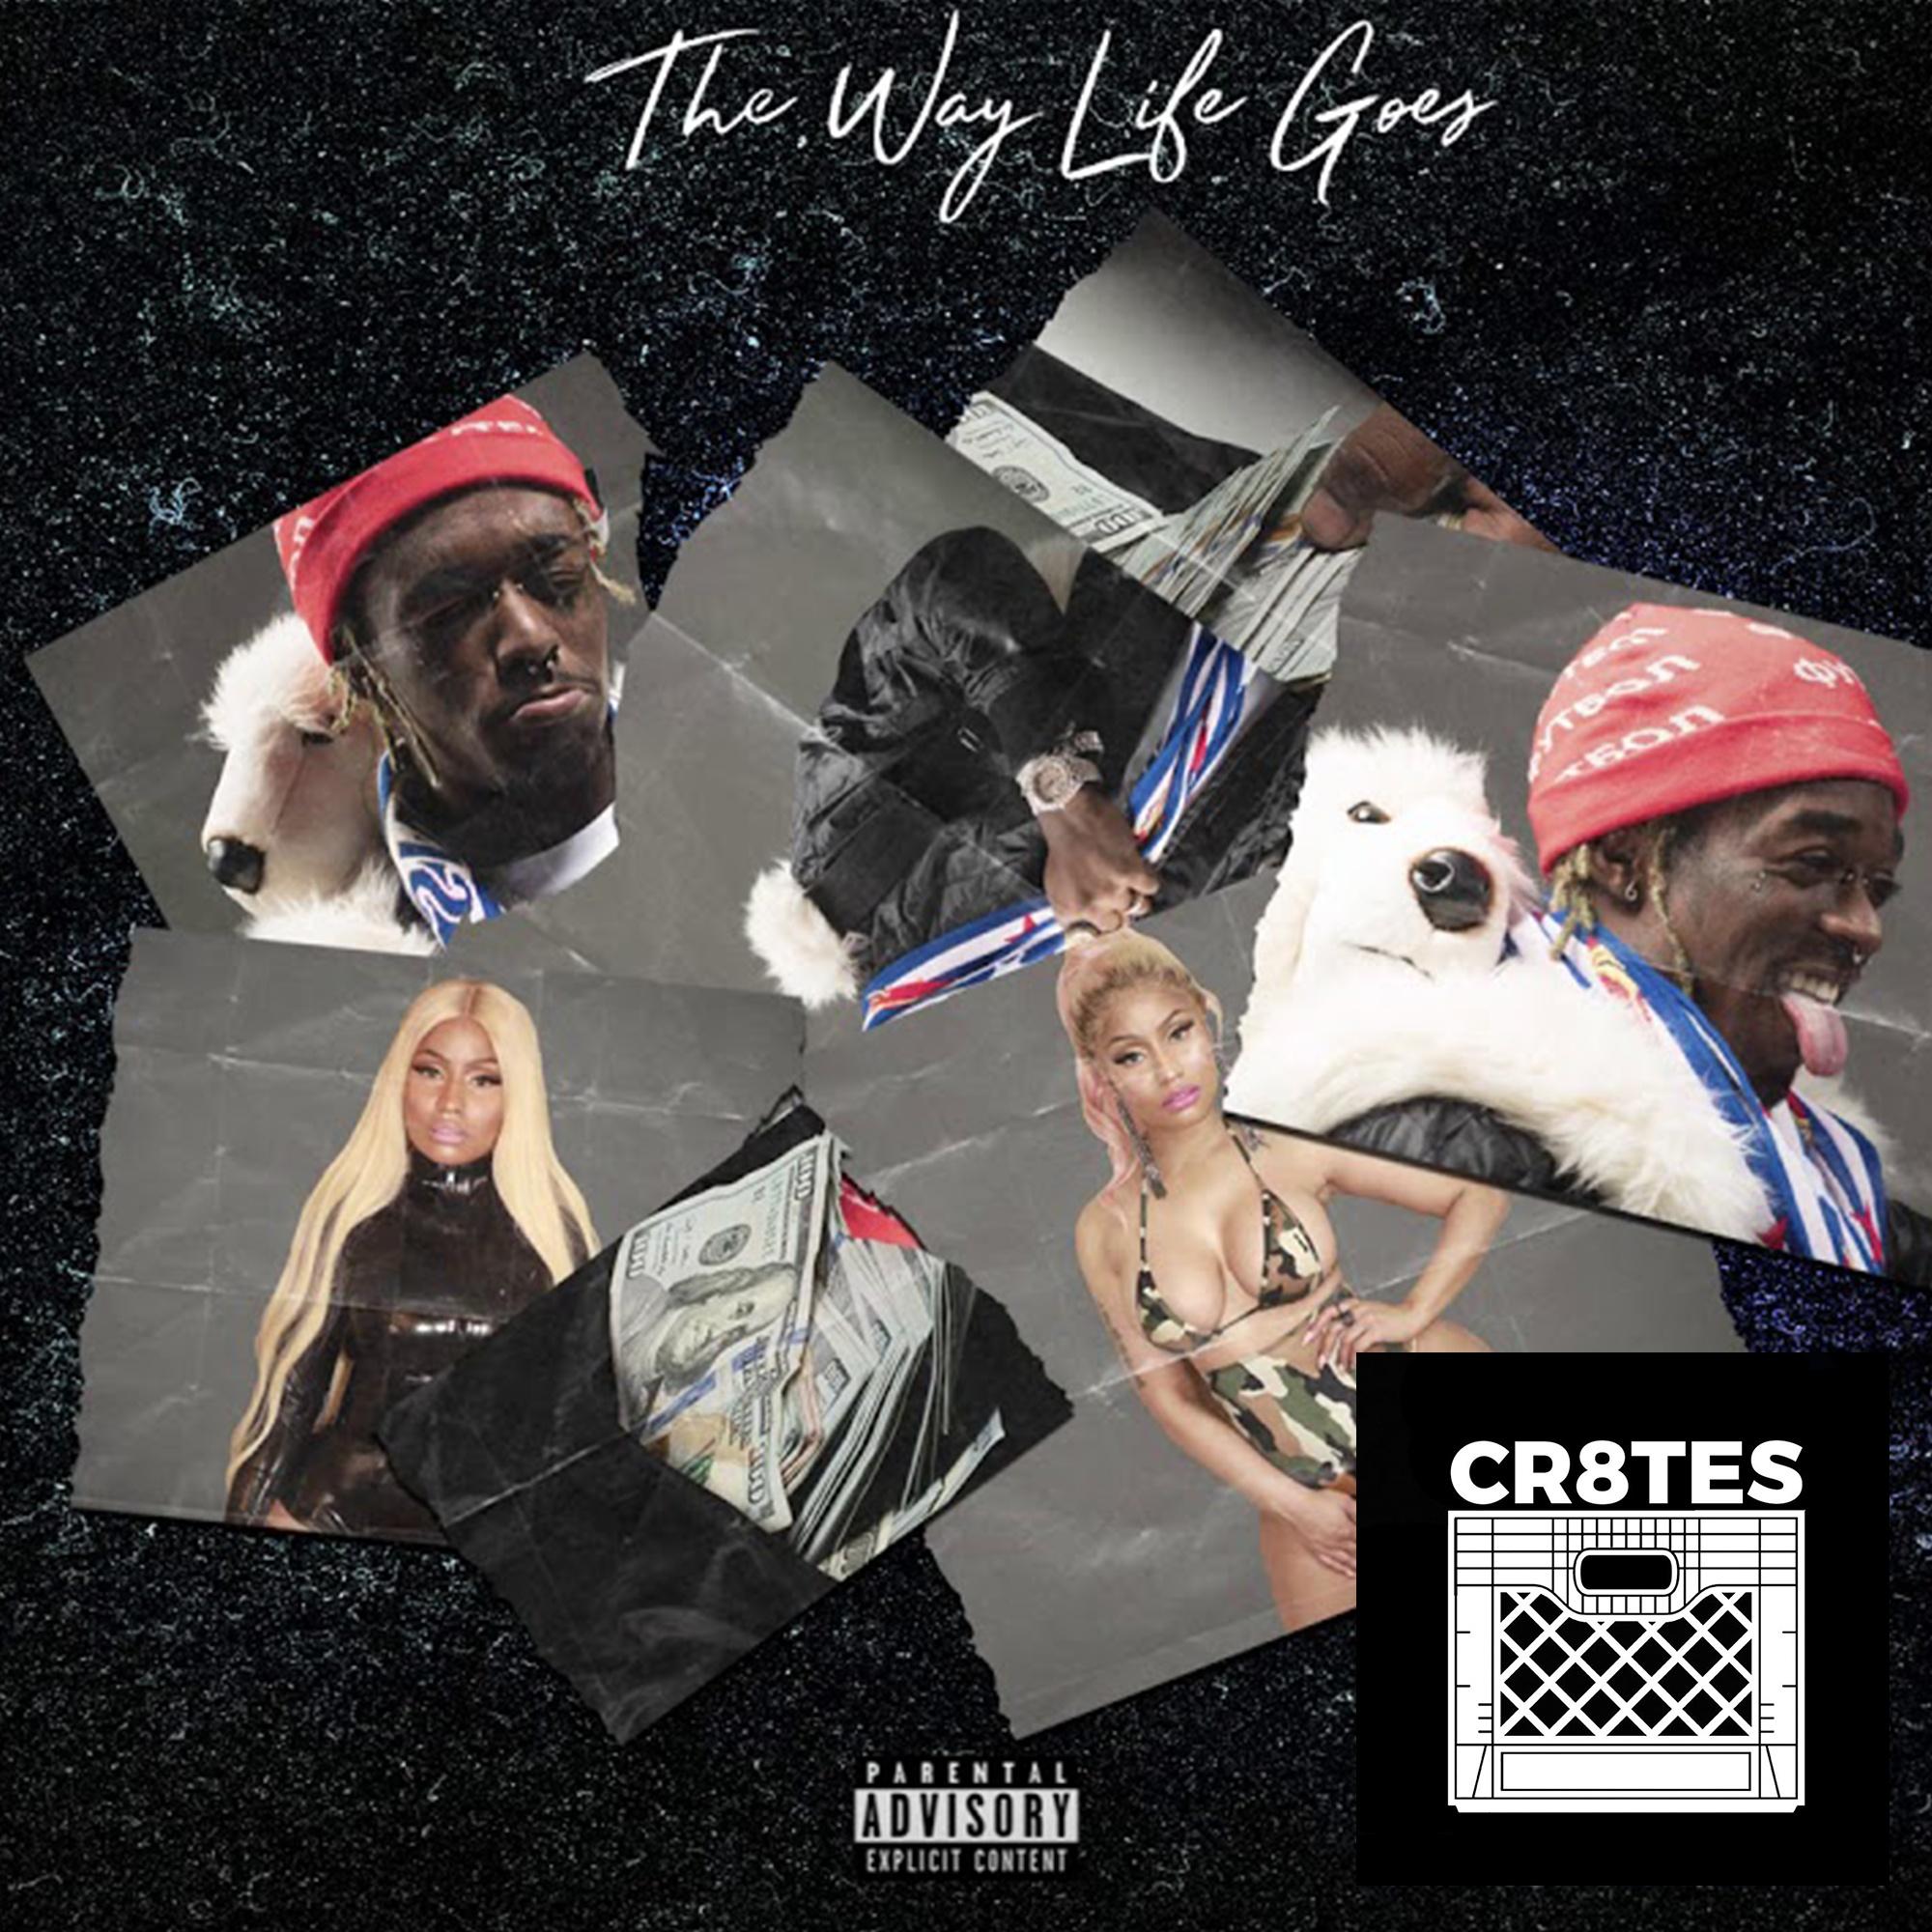 Lil Uzi Vert - The Way Life Goes (CR8TES MINI KIT)